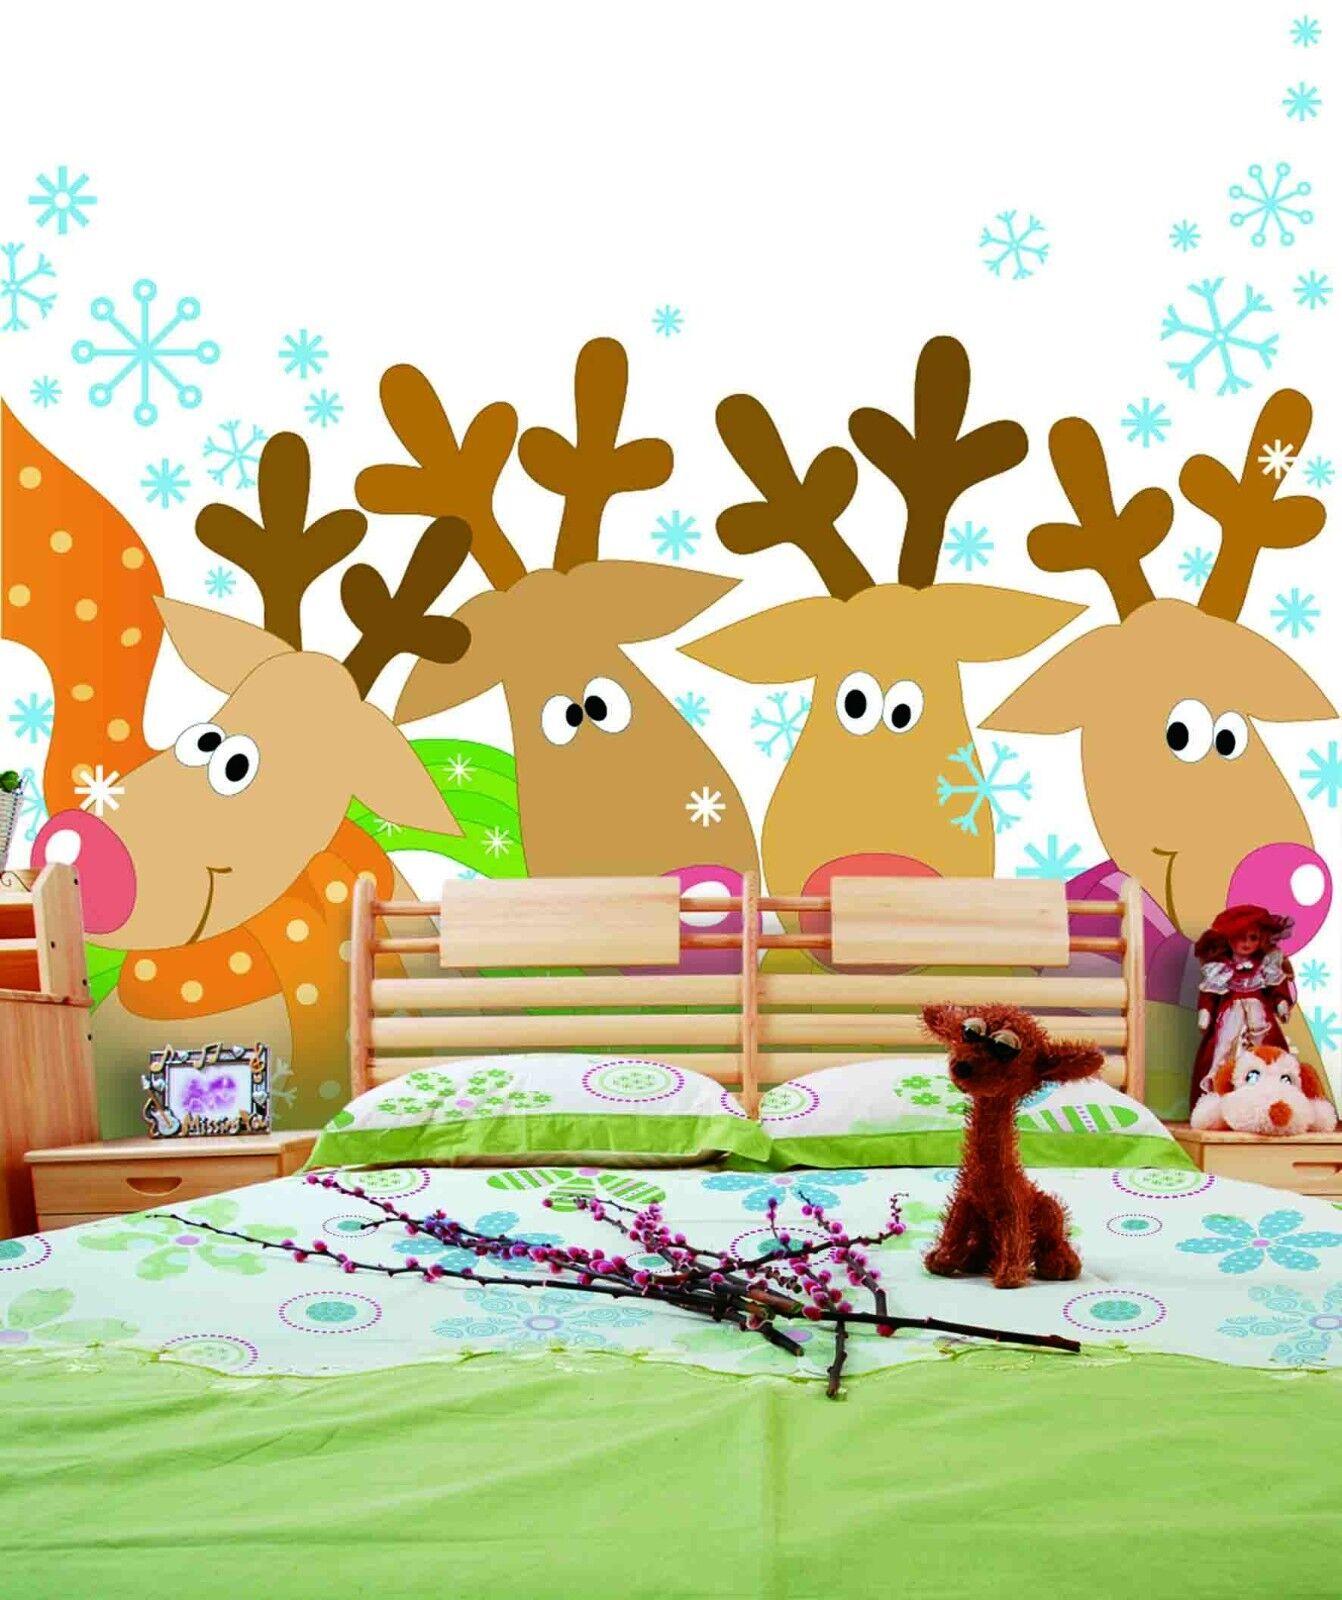 3D Deer Snowflakes 53 Wallpaper Murals Wall Print Wallpaper Mural AJ WALL AU